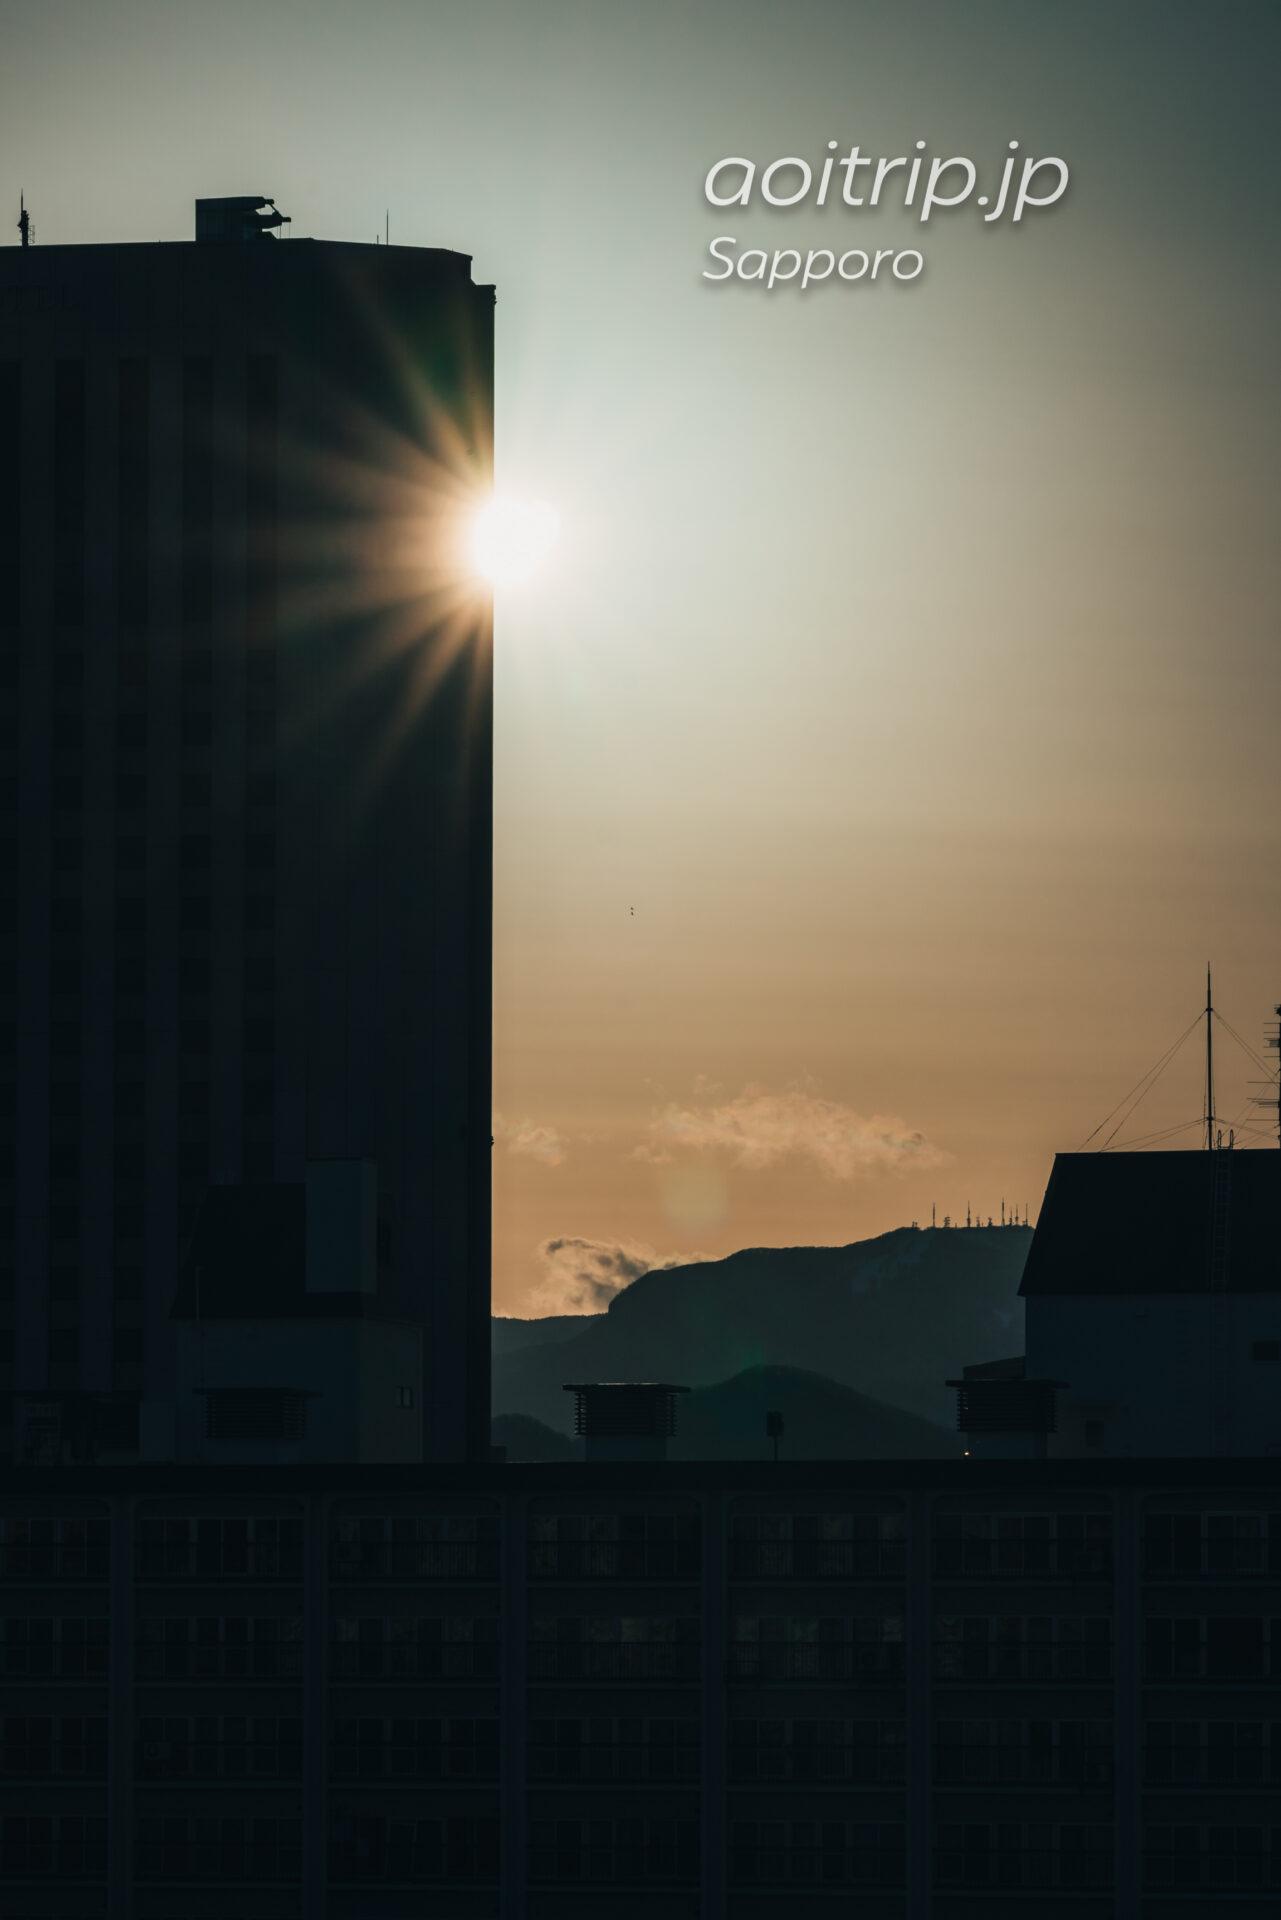 札幌パークホテルの客室 スーペリアクイーンダブルから望む手稲山と夕日